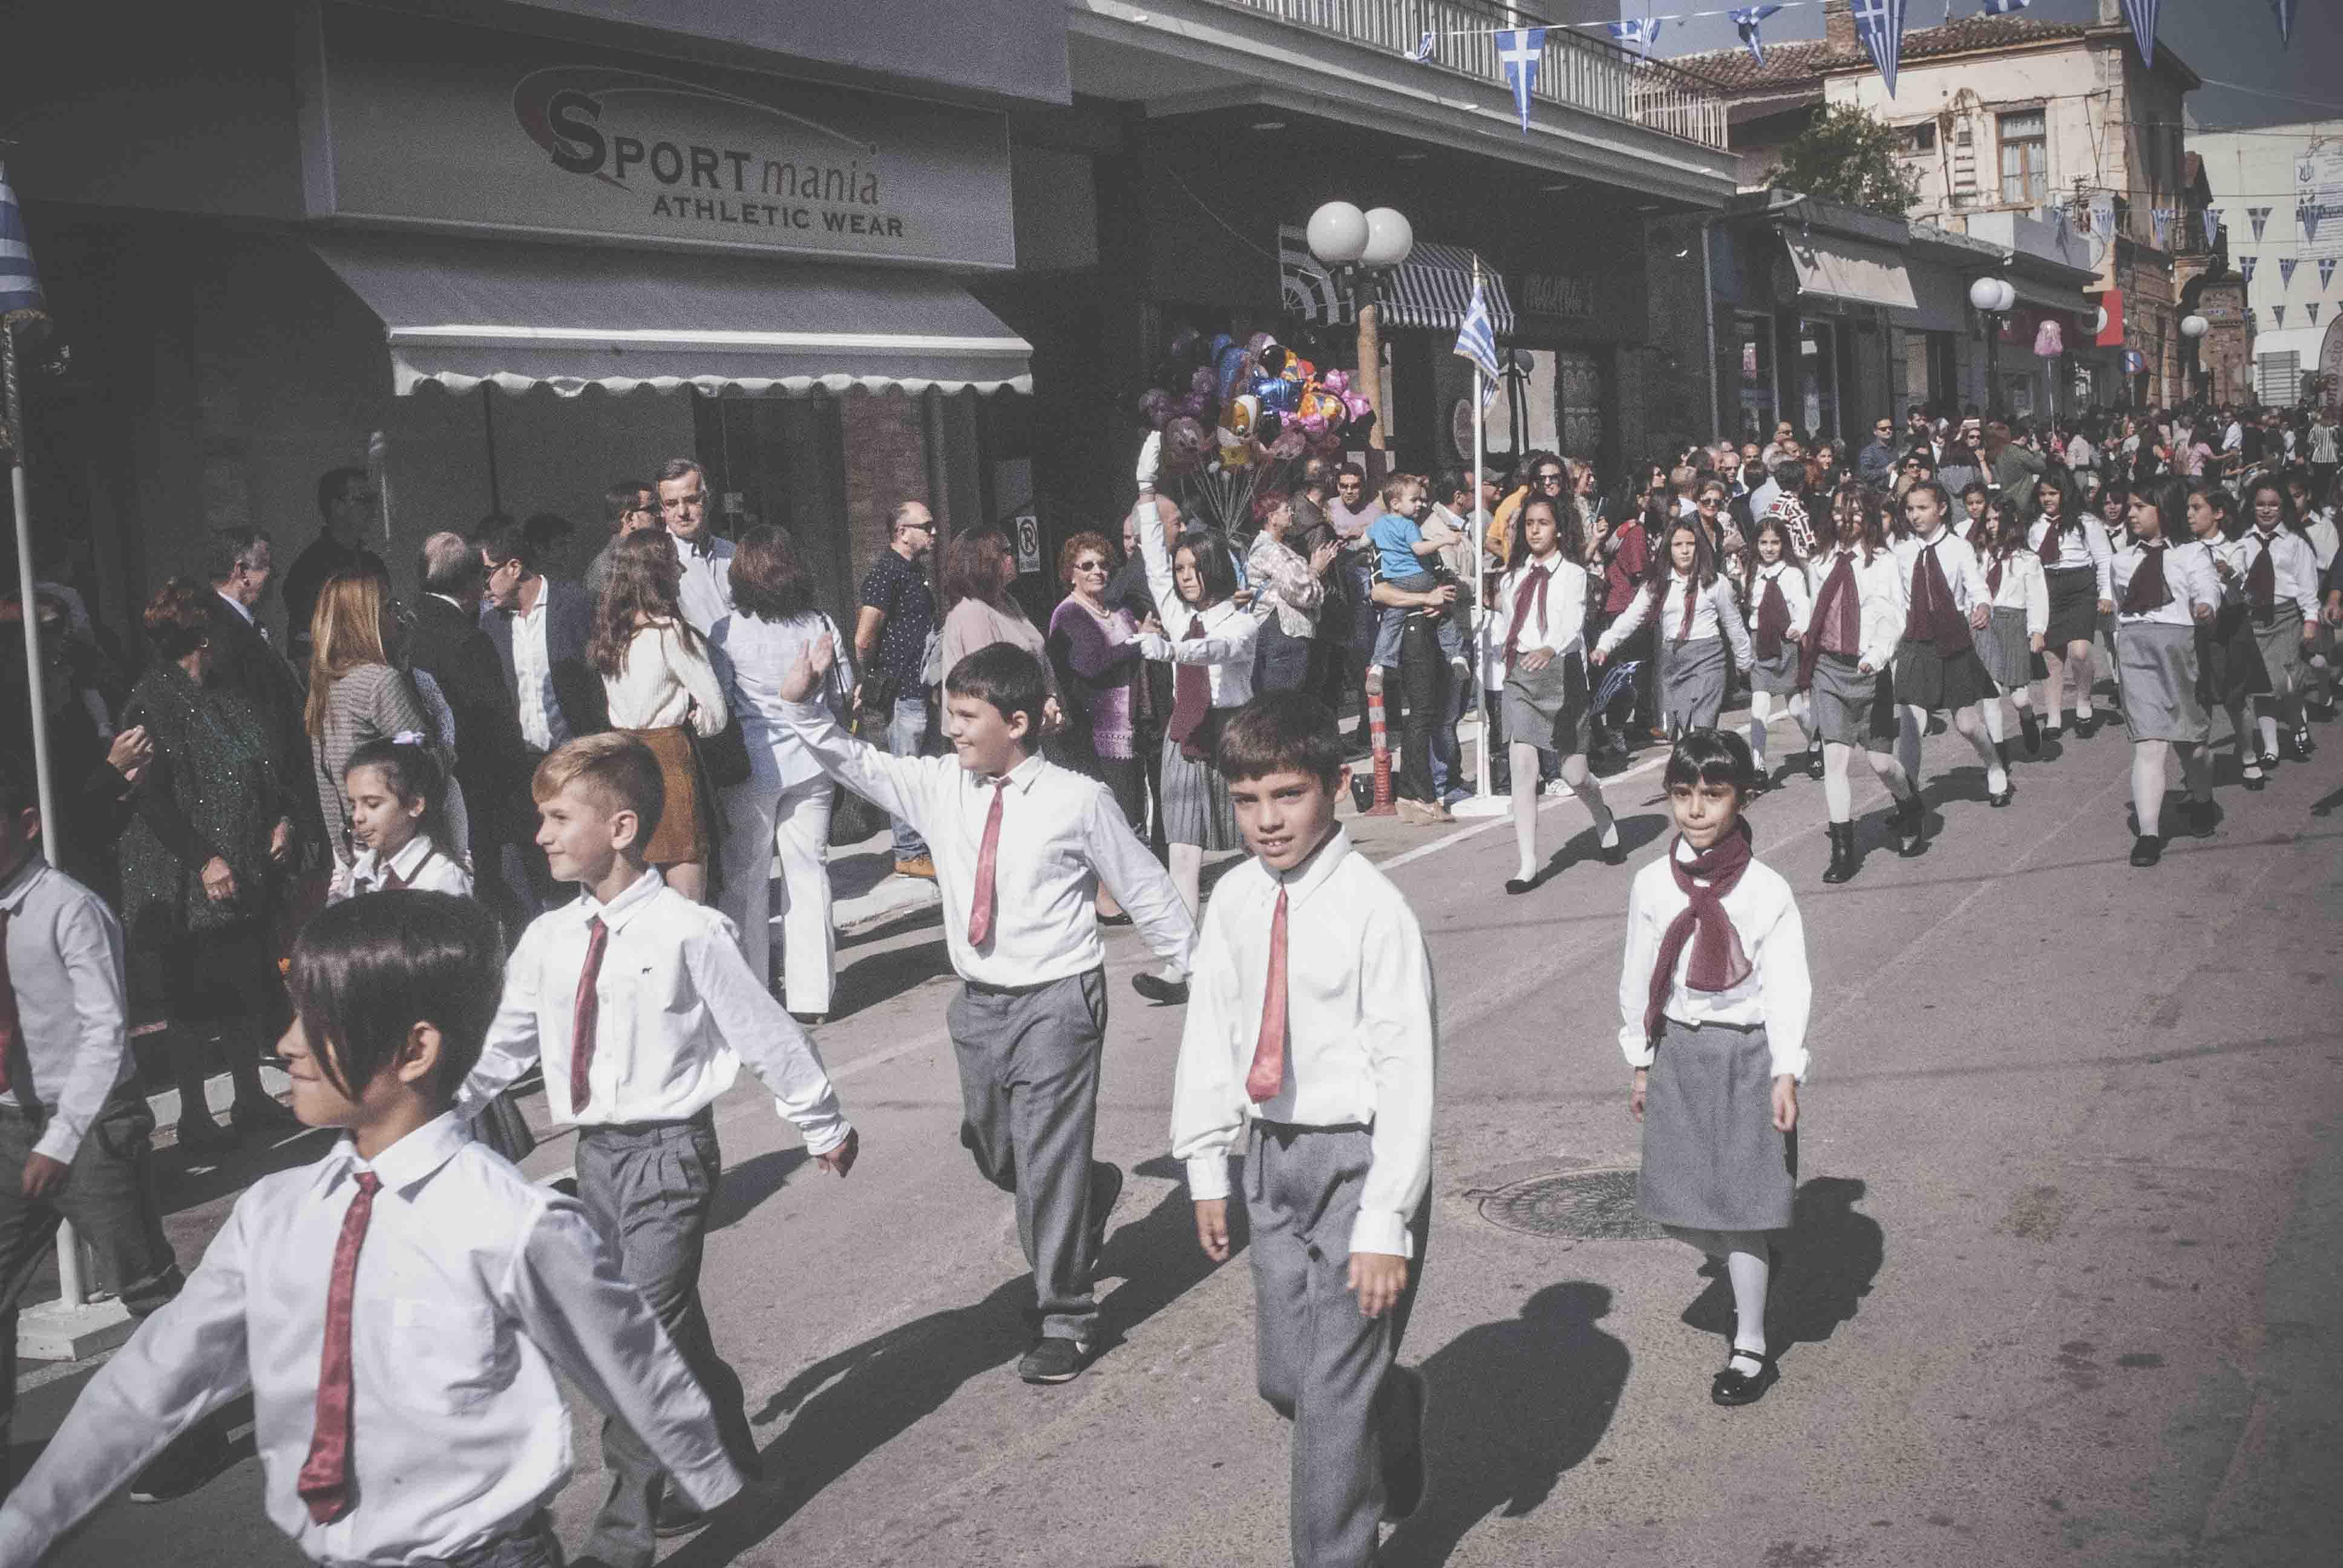 Φωτογραφικό υλικό από την παρέλαση στα Ψαχνά Φωτογραφικό υλικό από την παρέλαση στα Ψαχνά DSC 0360